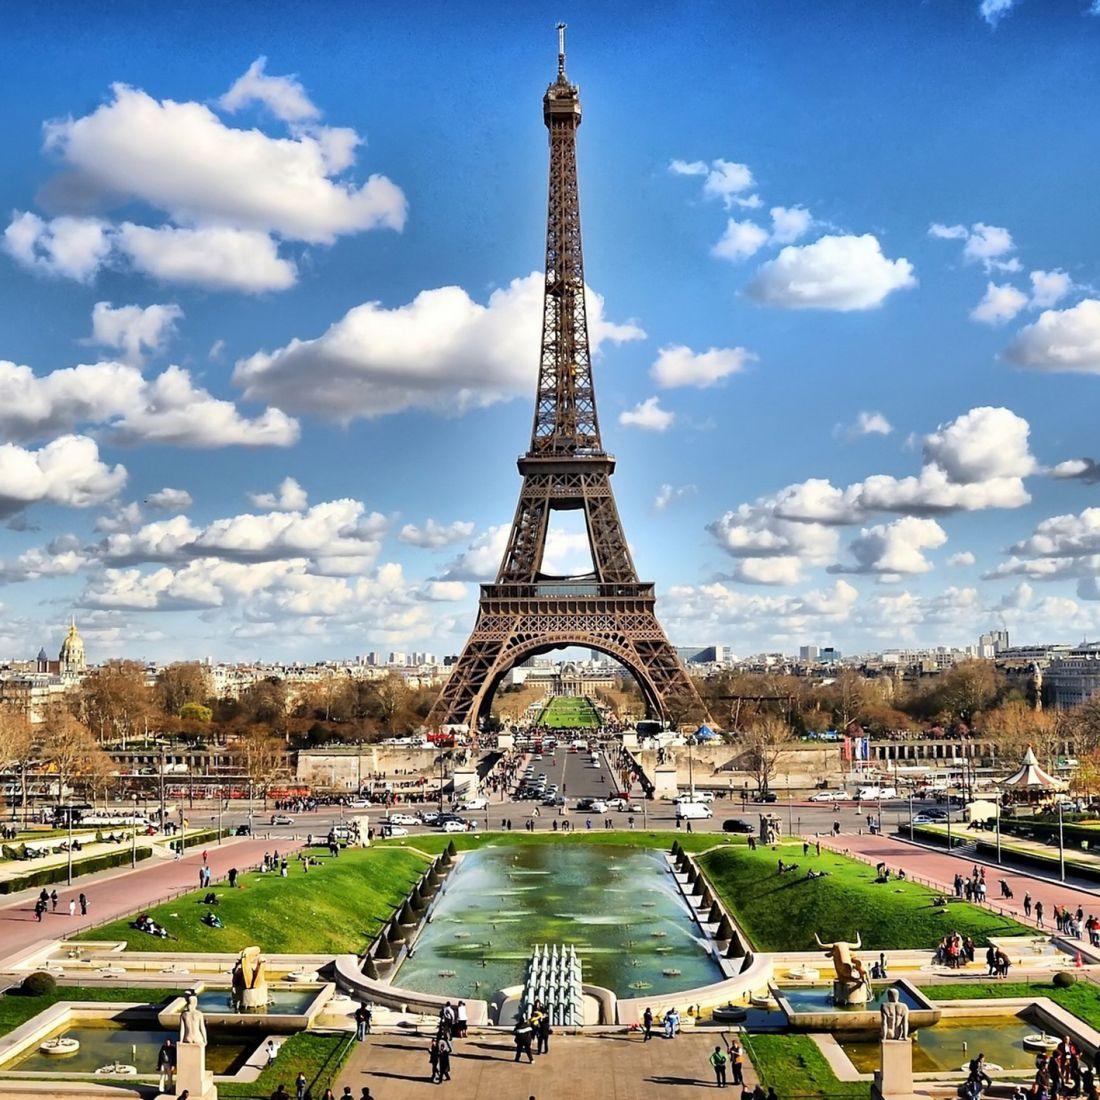 Прага-Париж 3 дня (Диснейленд, Монмартр, Версаль, Нотр-Дам де Пари, Шантийи) - Берлин-Варшава